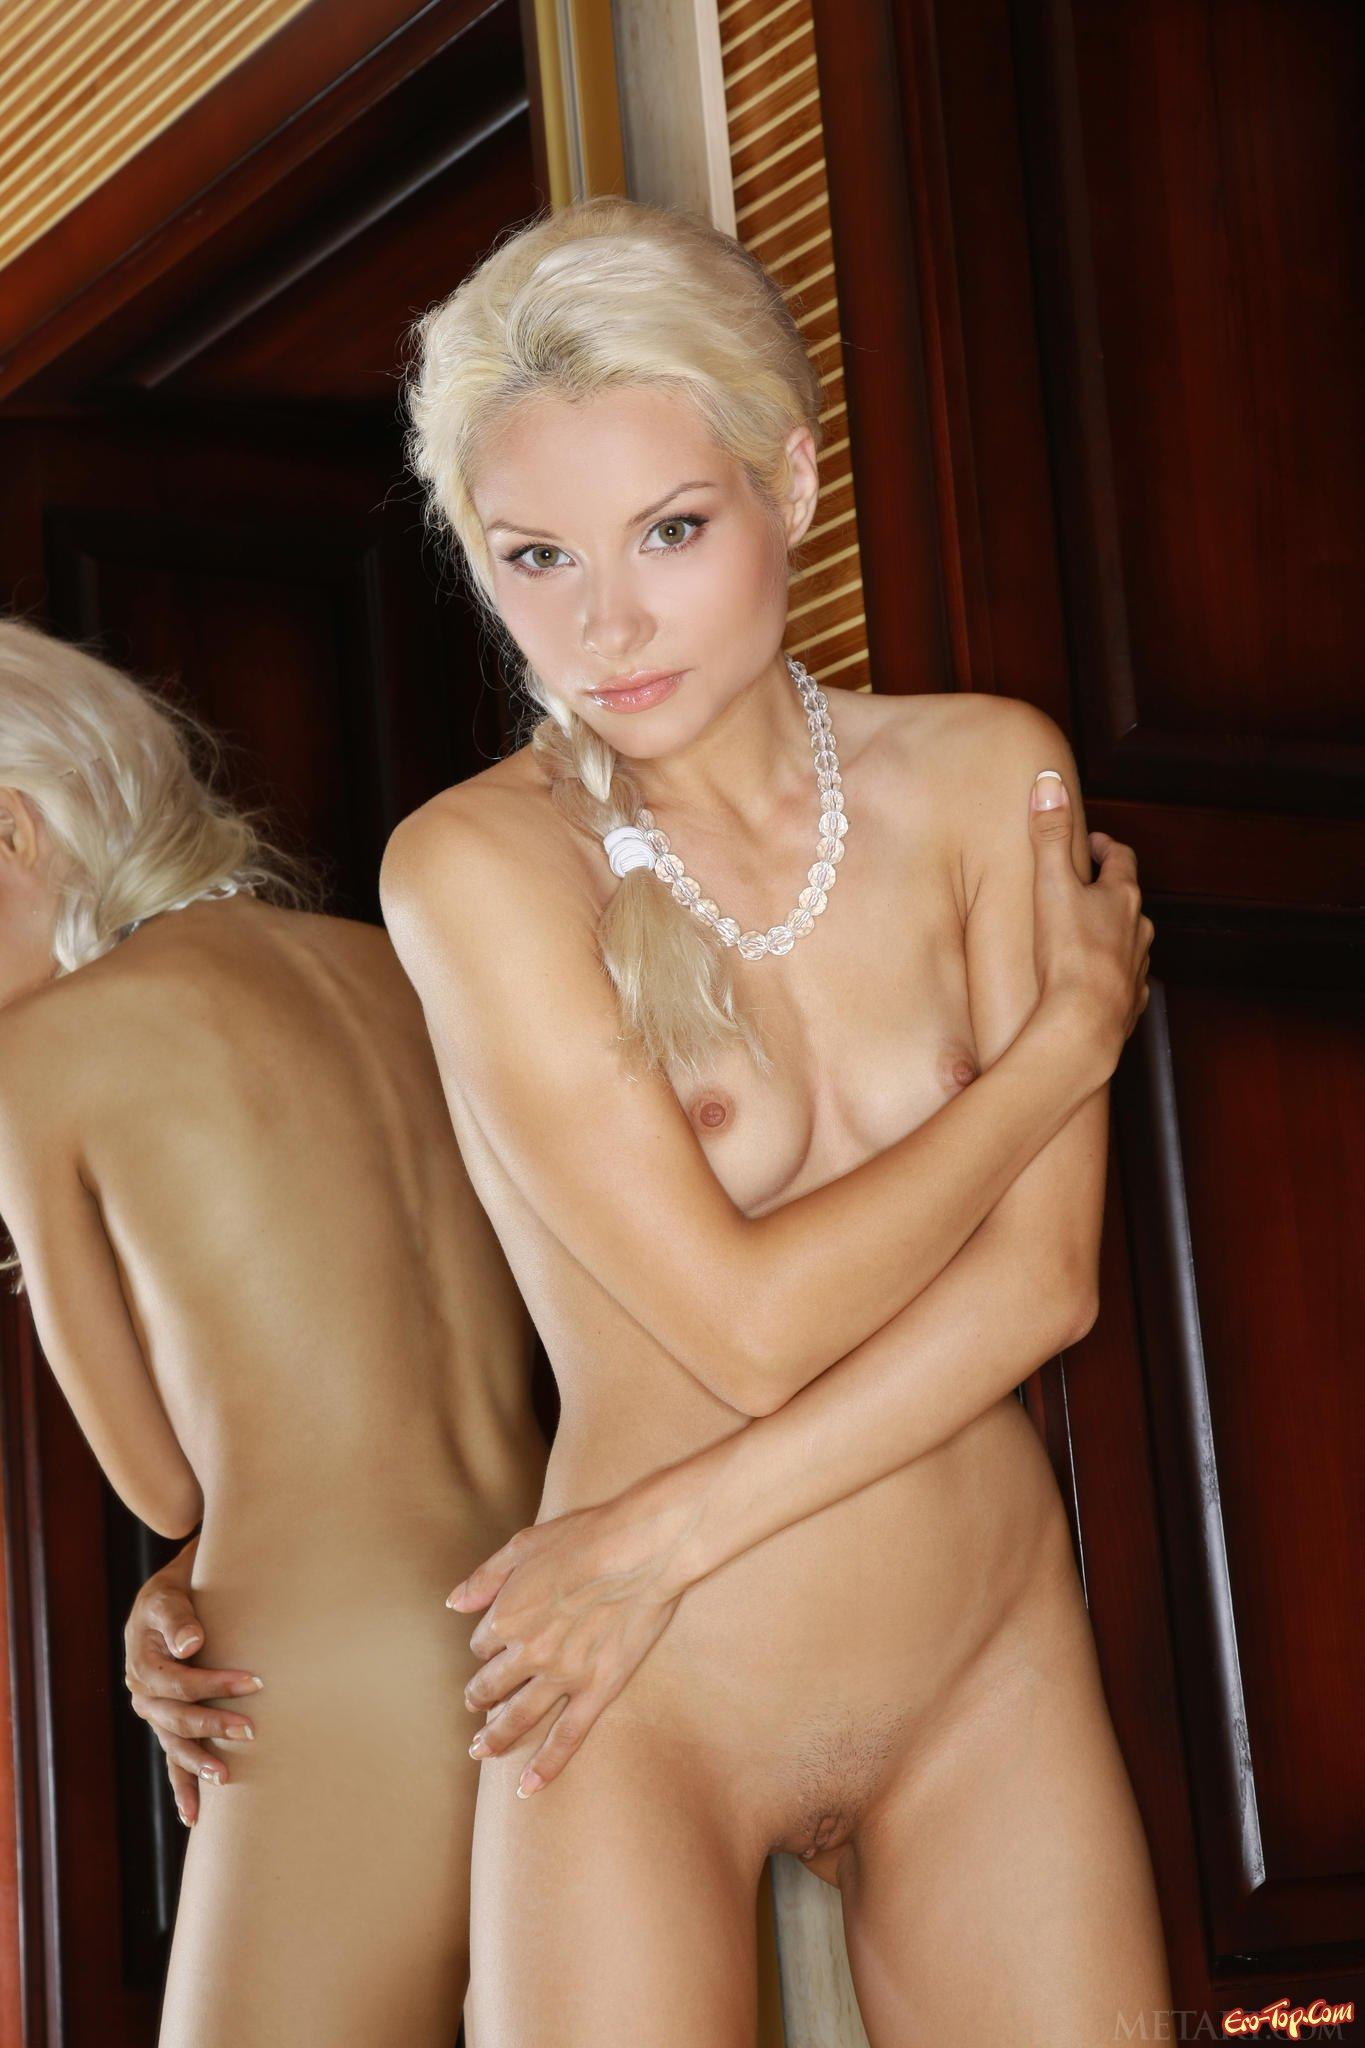 Светловолосая девушка спускает белые бикини